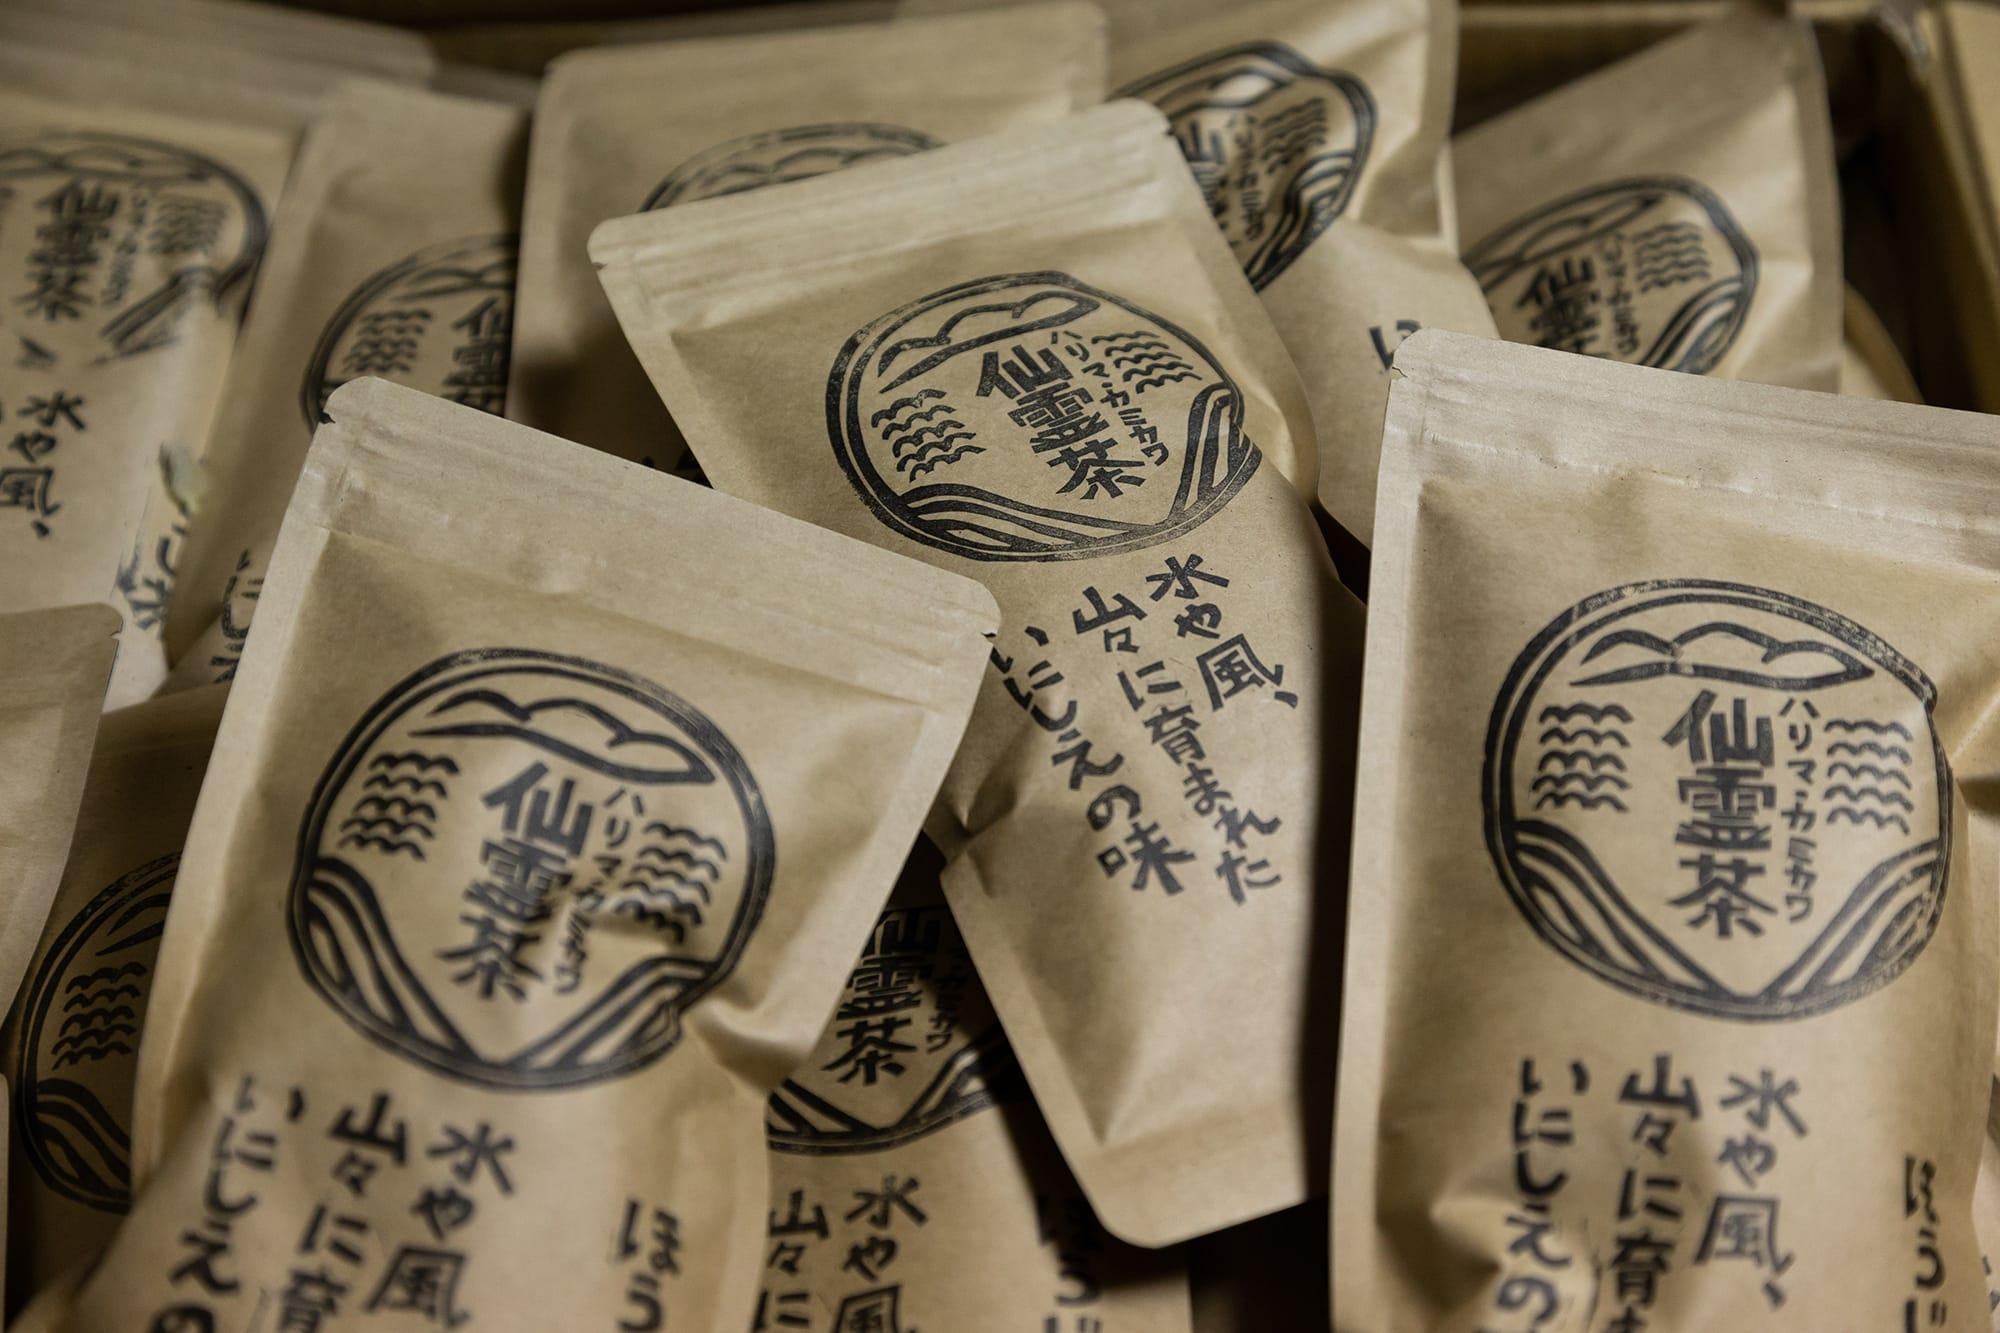 野村さんが作る「仙霊茶」。無農薬、無肥料と、ほぼ自然栽培。爽やかなのみ口で甘味とうま味がいいバランスの煎茶、天日で酸化発酵させた烏龍茶、香ばしい香りが口いっぱいに広がるほうじ茶、夏の終わりに摘んだ茶葉を使って作った紅茶を合わせた4種類。この日は真夏の炎天下の中、水出しの煎茶とほうじ茶を飲ませてもらったけれど、どちらも暑い日にはぴったりのすっきりとした味わいだった。